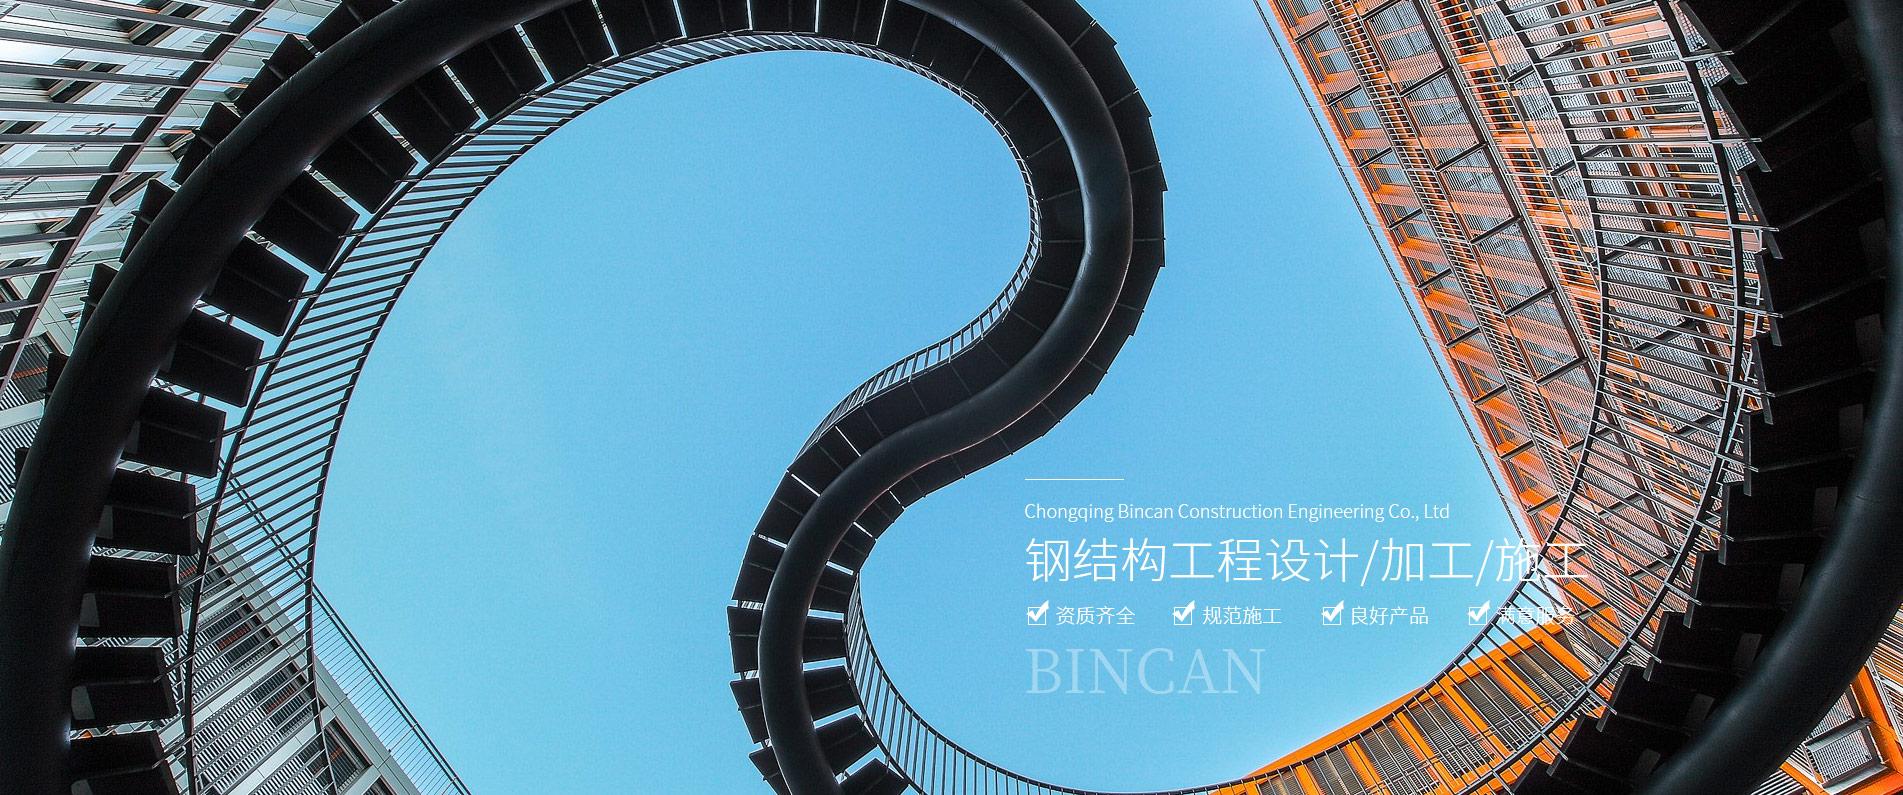 重庆钢结构承包公司